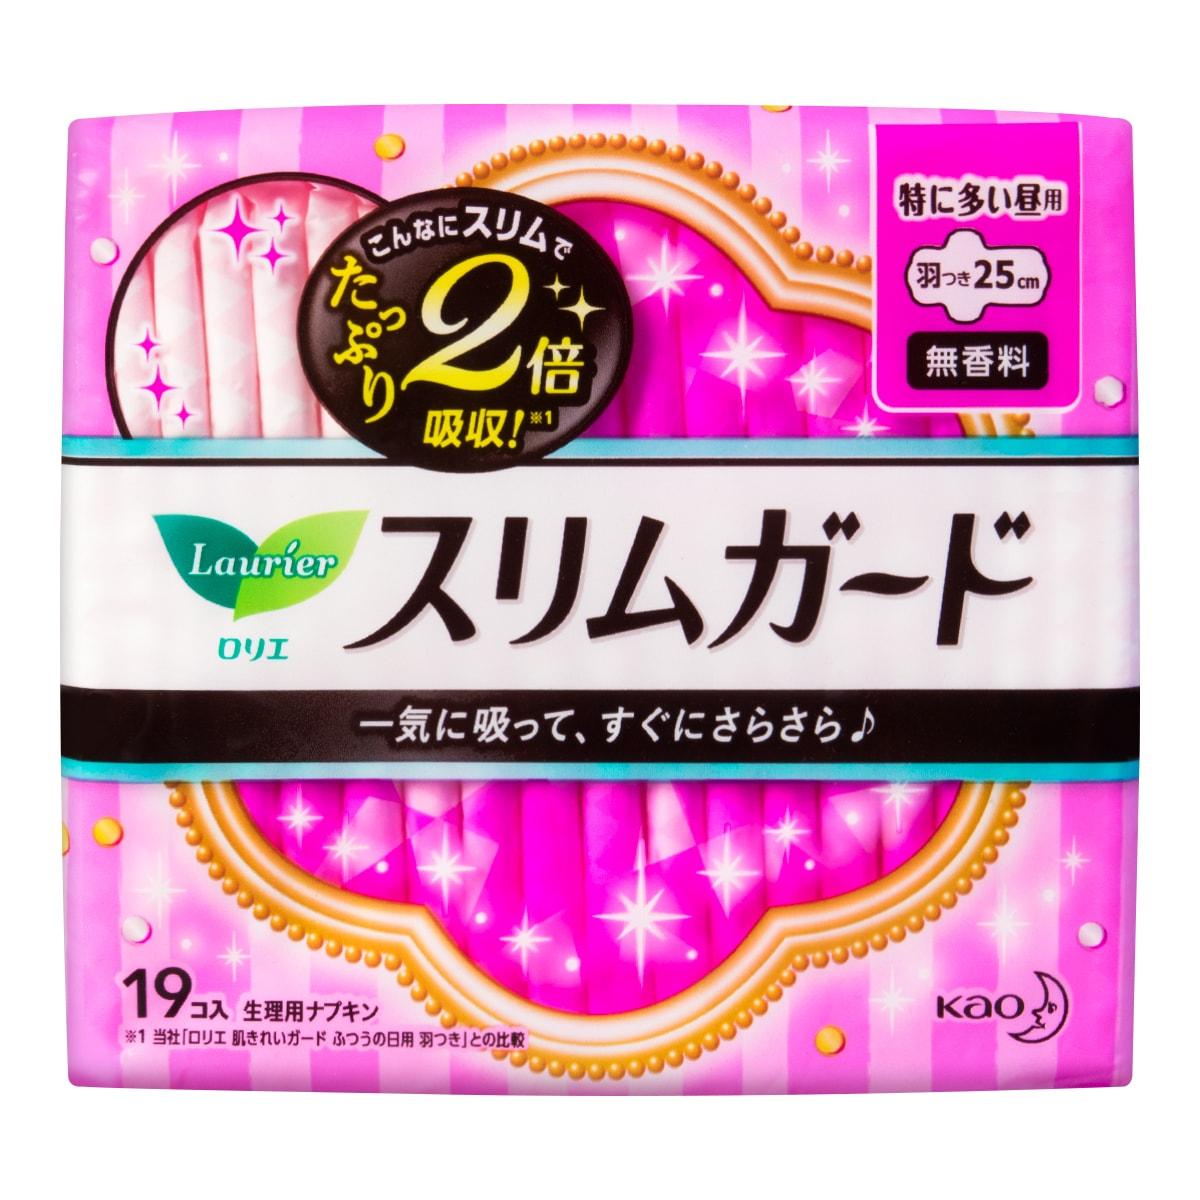 日本KAO花王 LAURIER乐而雅 零触感无荧光剂轻薄护翼卫生巾 日用型 25cm 19枚入